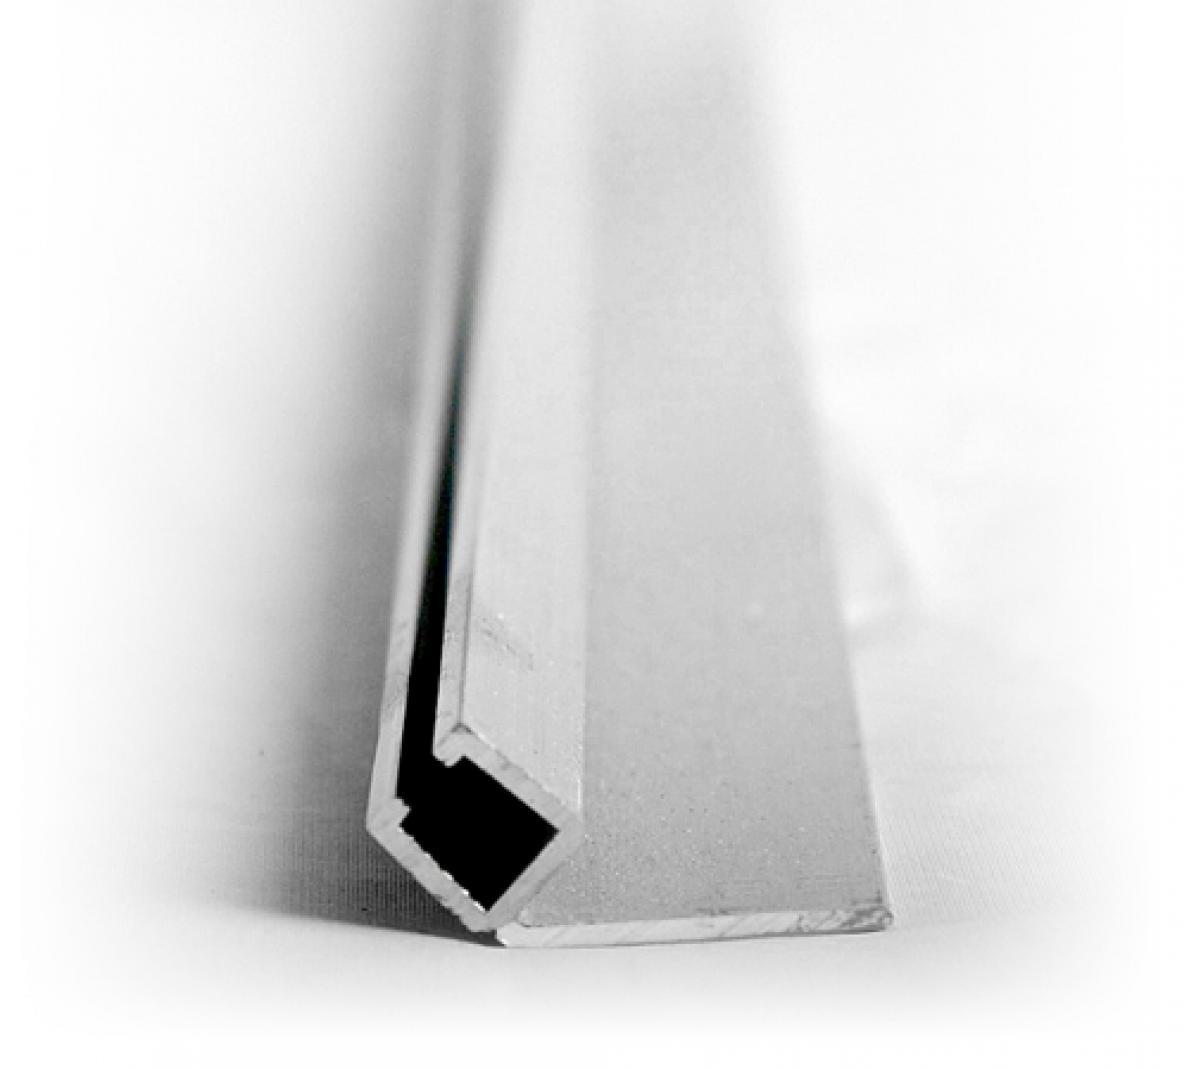 45 176 Aluminium Extrusion Ja Seals